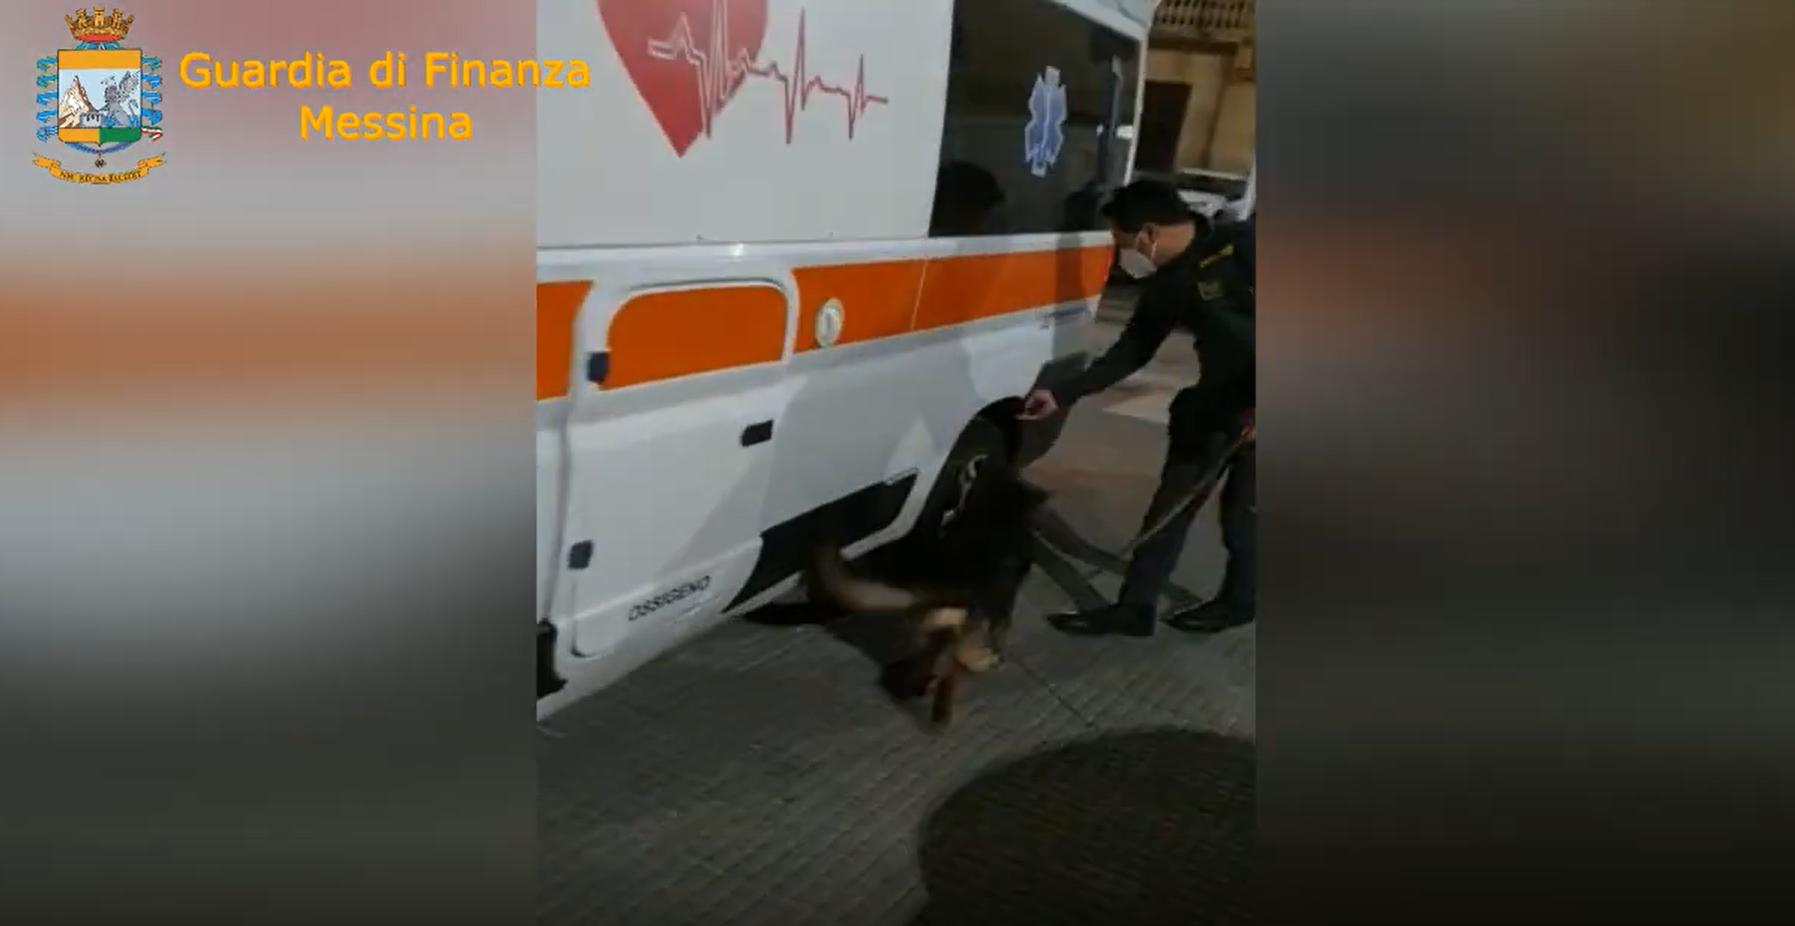 Dal traghetto sbarca un'ambulanza con 300mila euro di droga nascosti